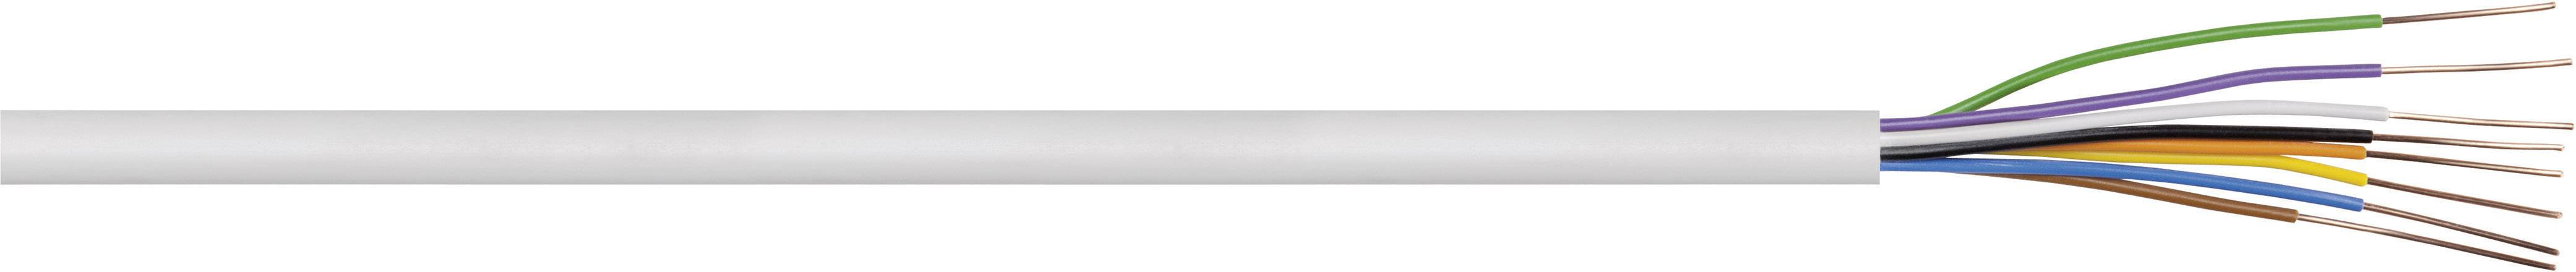 Zvonkový kabel LappKabel 49900270, bílá, 1 m